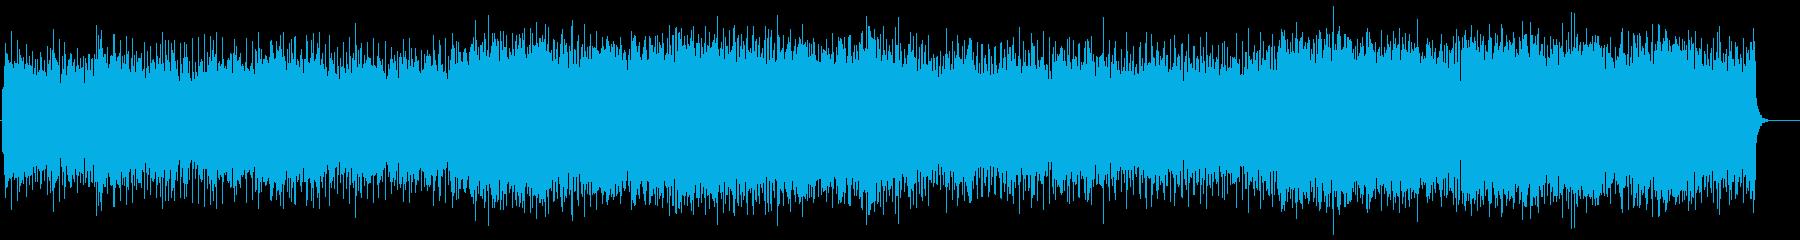 爽やかなミディアムポップ(フルサイズ)の再生済みの波形